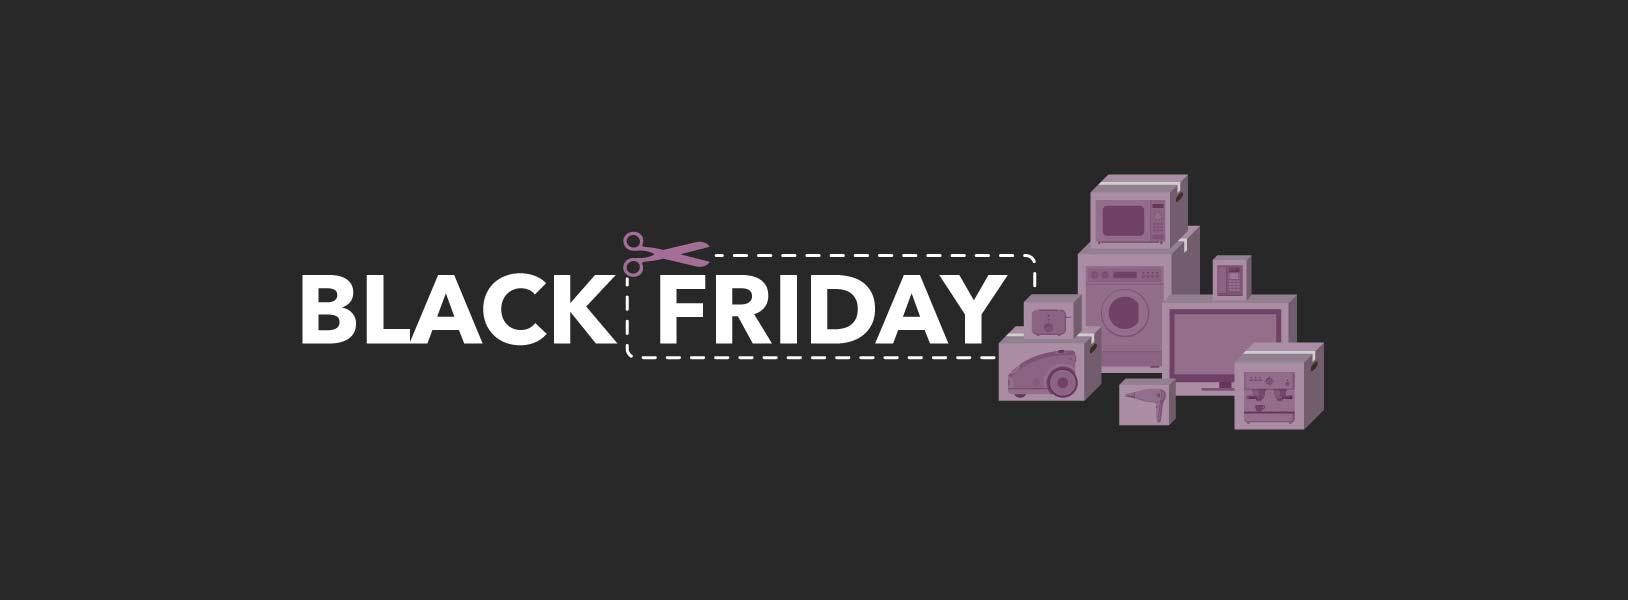 616dd792fd Black Friday  i migliori codici sconto per affrontare le 24 ore di ...